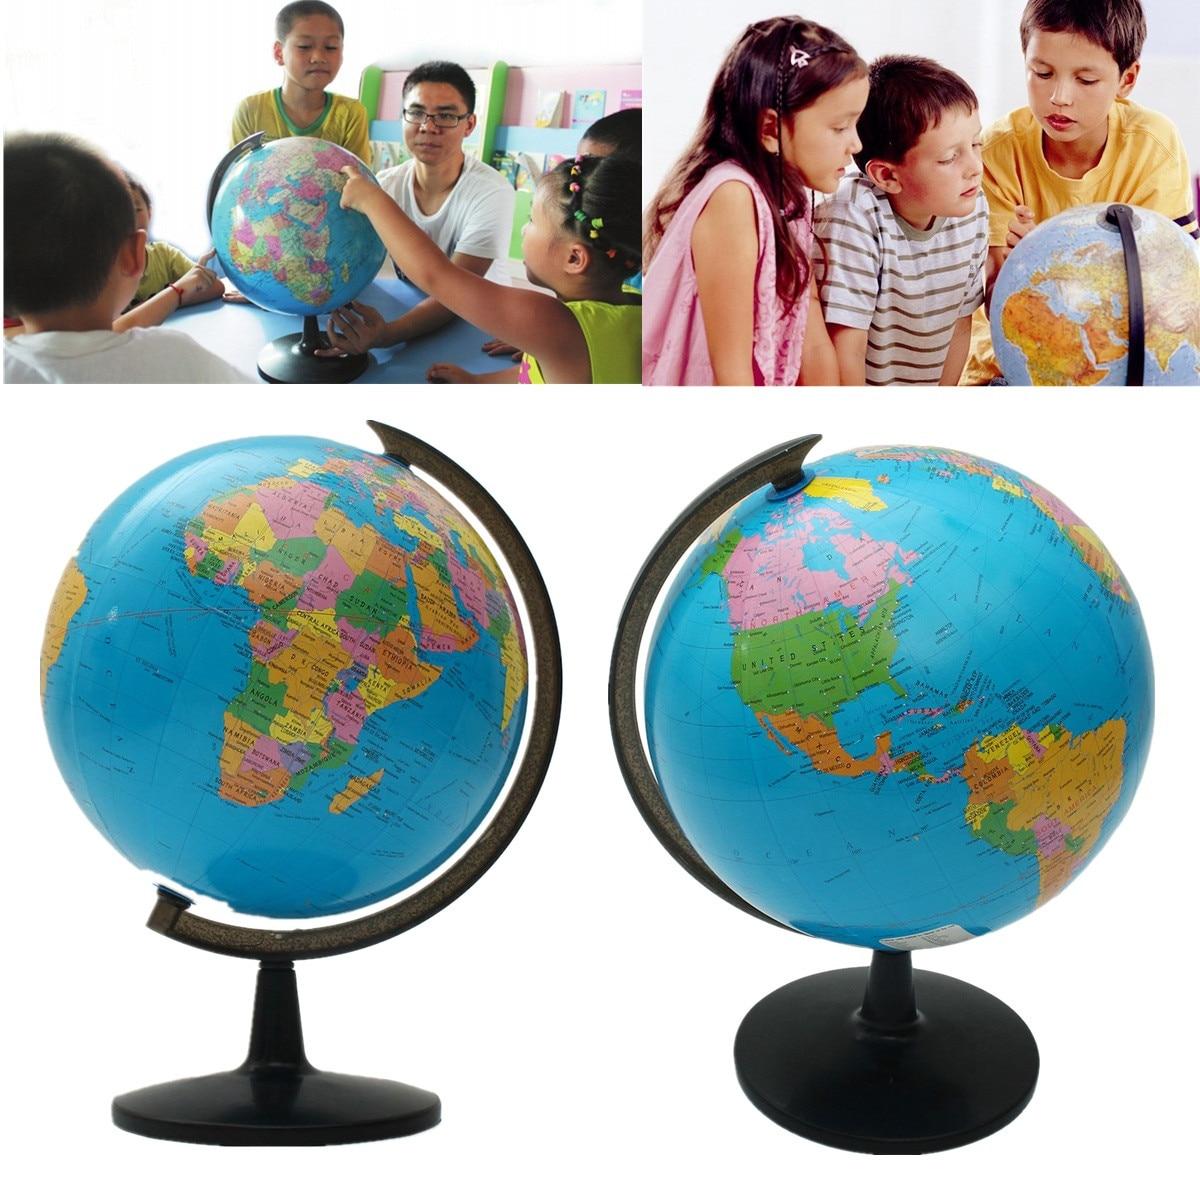 32 cm monde Globe carte enfants géograpie jouets éducatifs fournitures scolaires étudiants récompense cadeau maison bureau décorations de bureau - 2